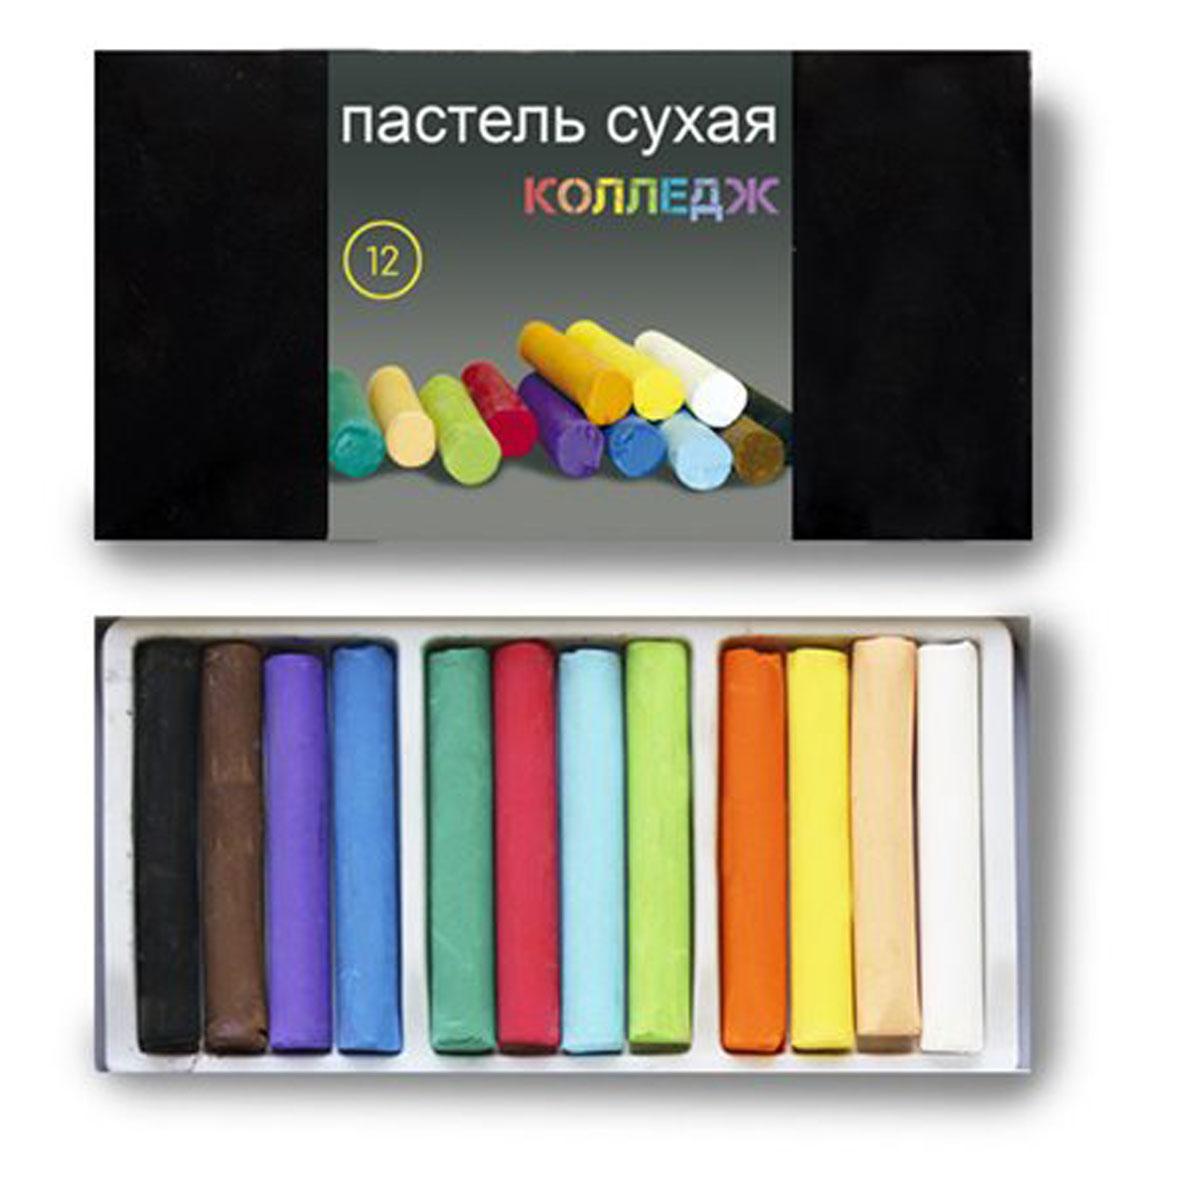 Пастель Черная речка, сухая, 12 цветовК-1181-012Высокачественная сухая пастель для школьников, студентов. Для живописных и графических работ (предпочтительно использование на шероховатых, фактурных поверхностях), может использоваться в смешанных техниках, в декупаже, на модельных массах.. Рисунок пастелью не выгорает, не темнеет, не тускнеет, не трескается от времени, но требует защиты от прикосновений- с помощью лака-фиксатива и стекла. В комплекте 12 цветов.